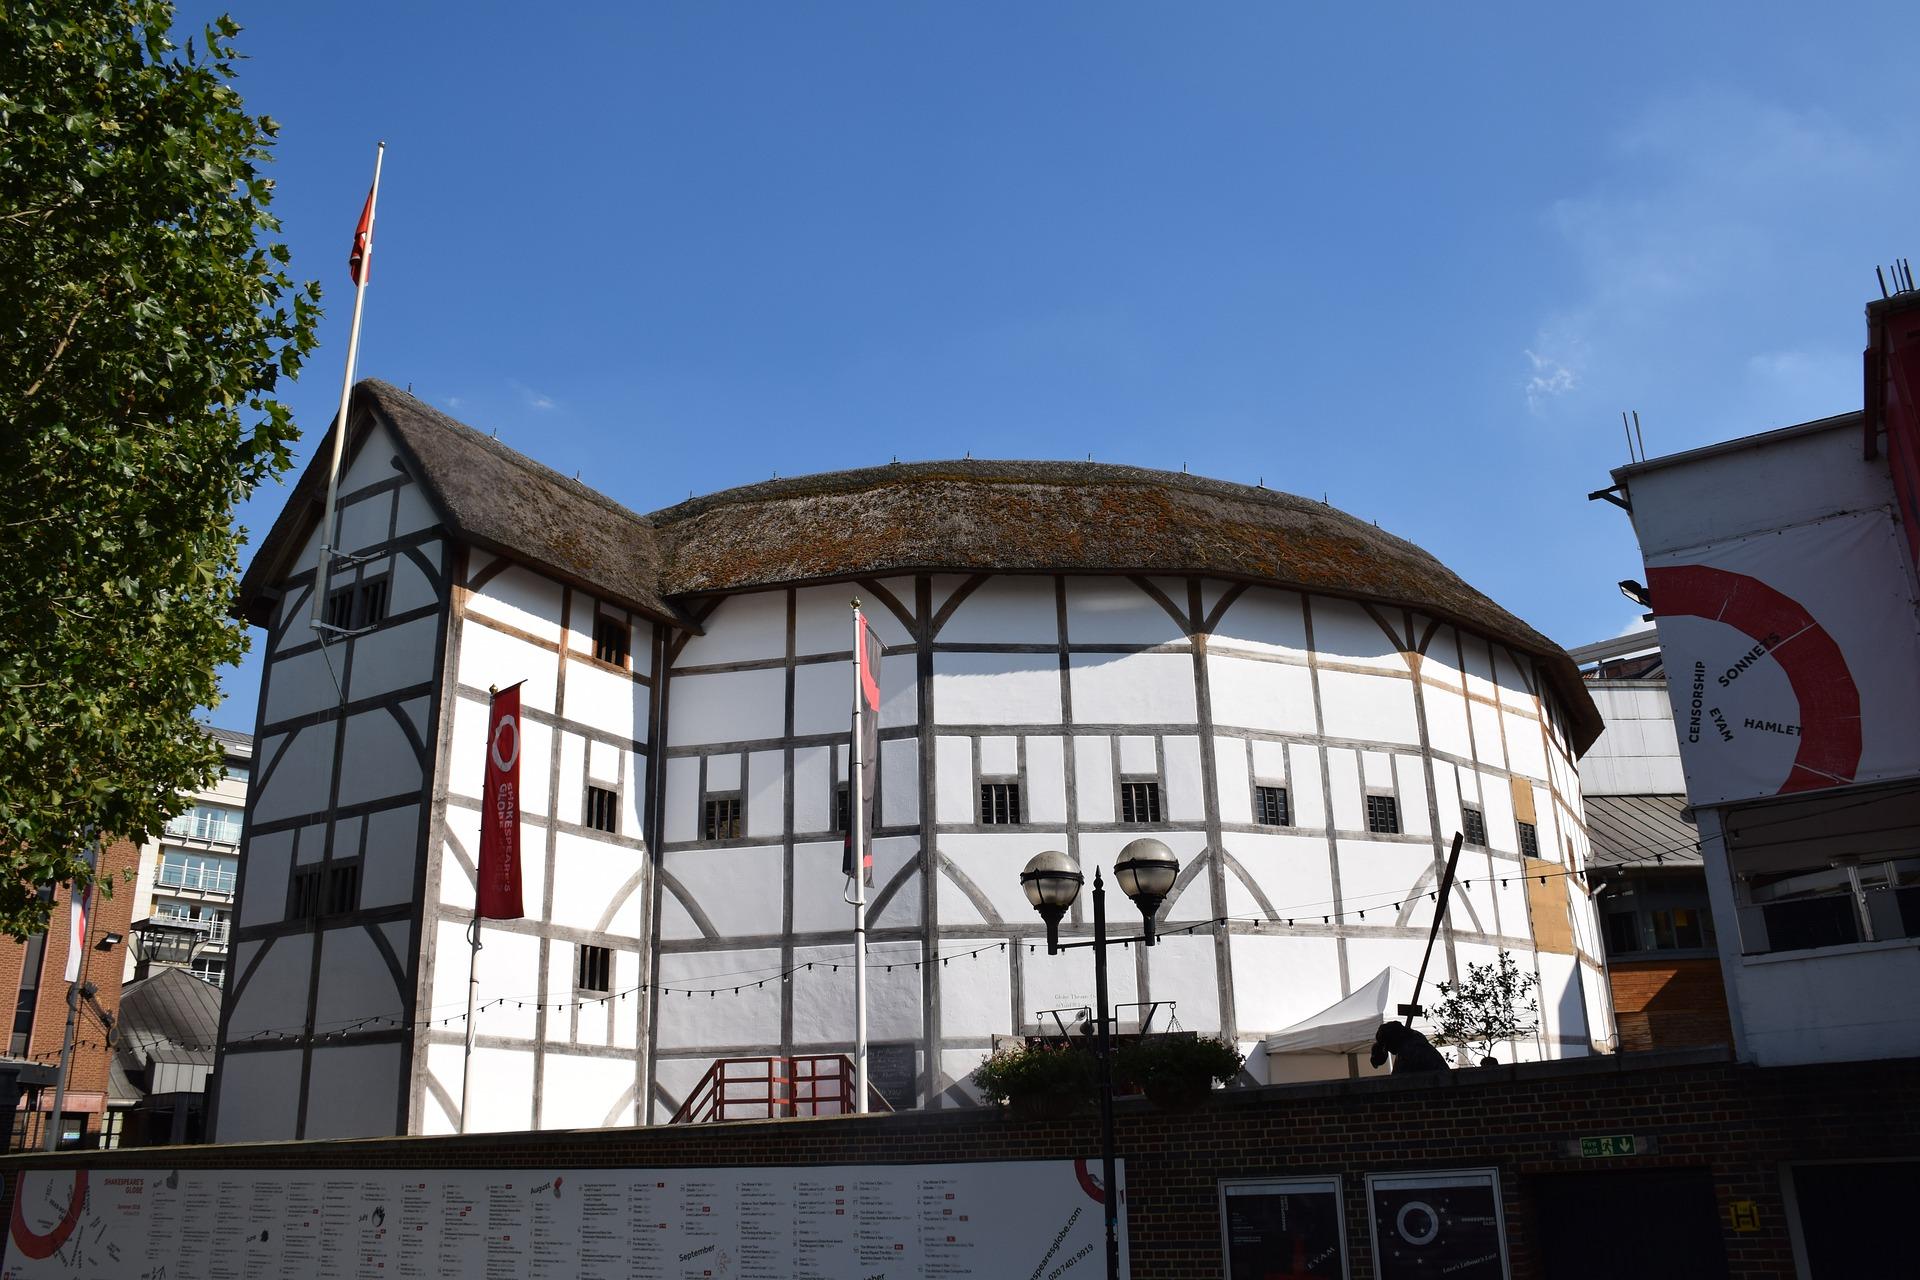 Globe Theatre London Steckbrief – Standort, Geschichte